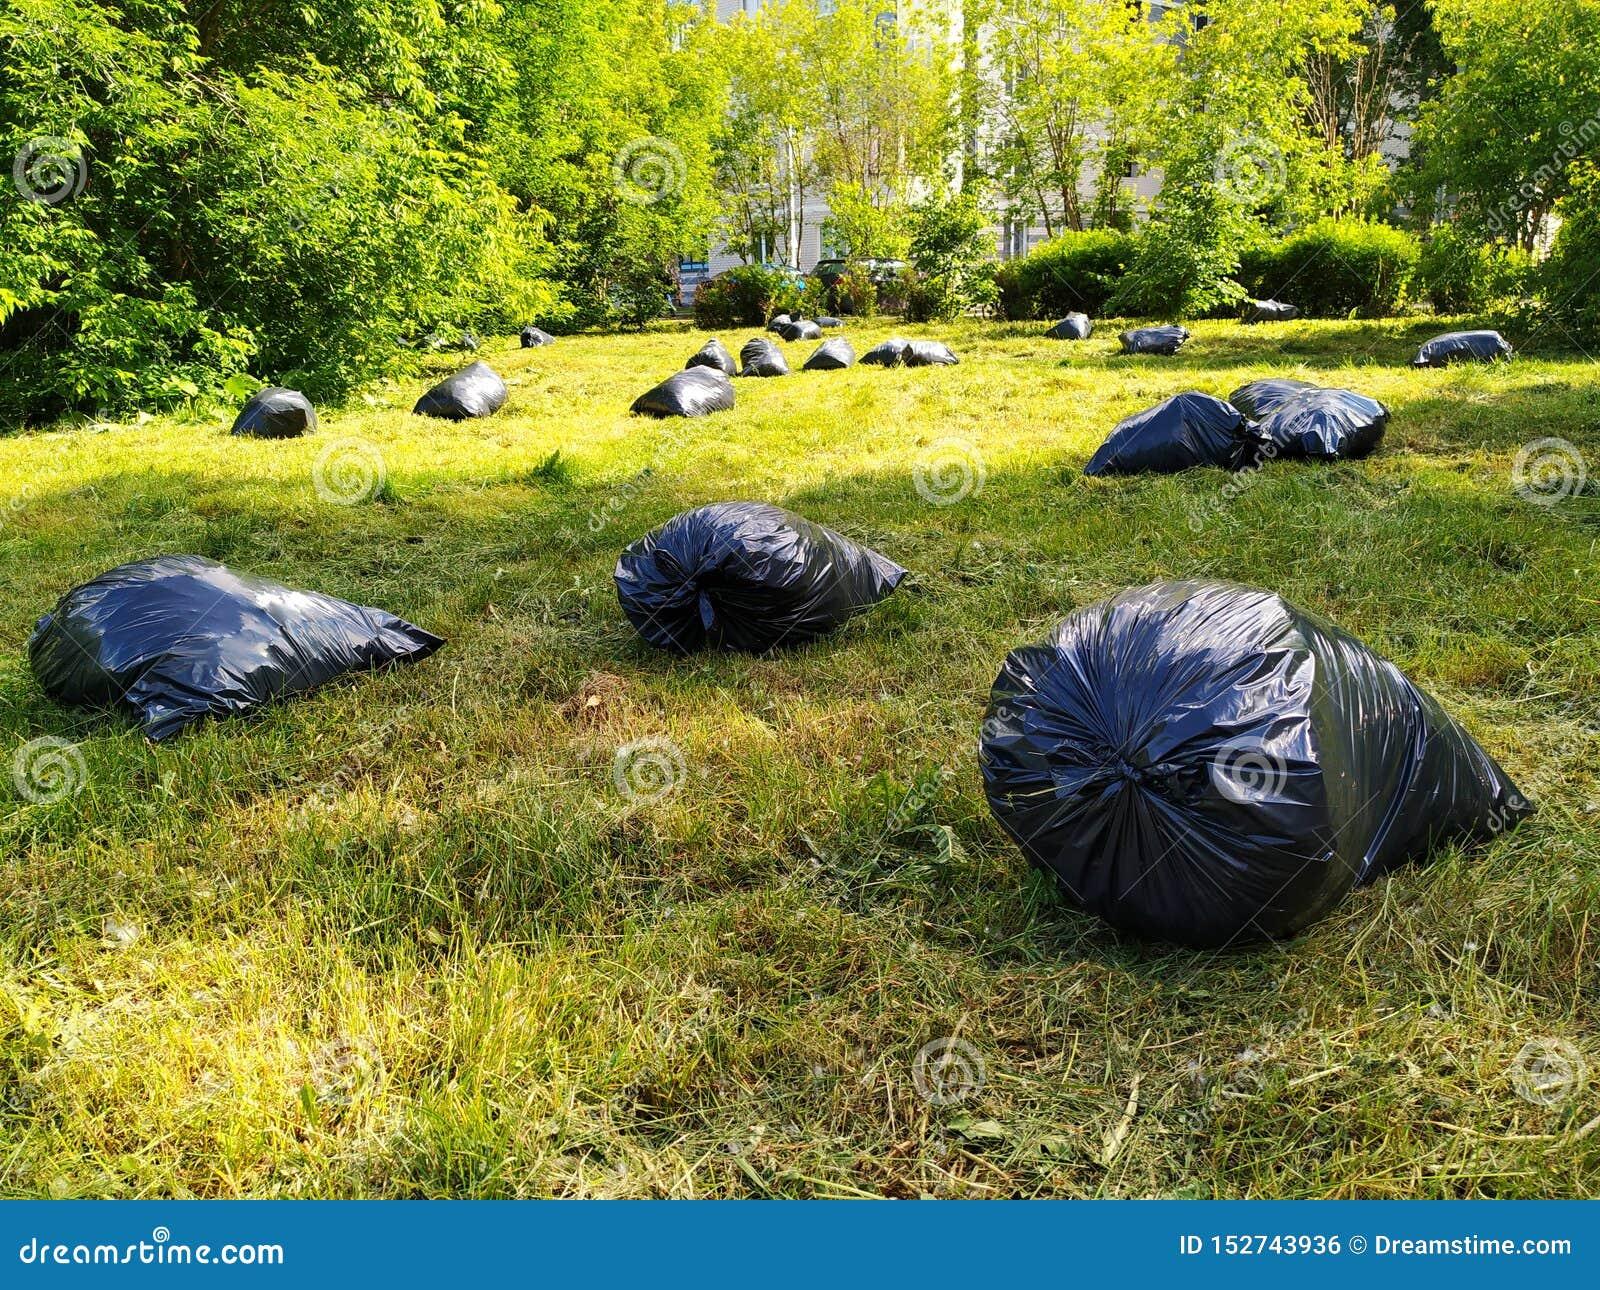 Οι μαύρες τσάντες των απορριμάτων βρίσκονται σε έναν καθαρό, πράσινο χορτοτάπητα στο πάρκο